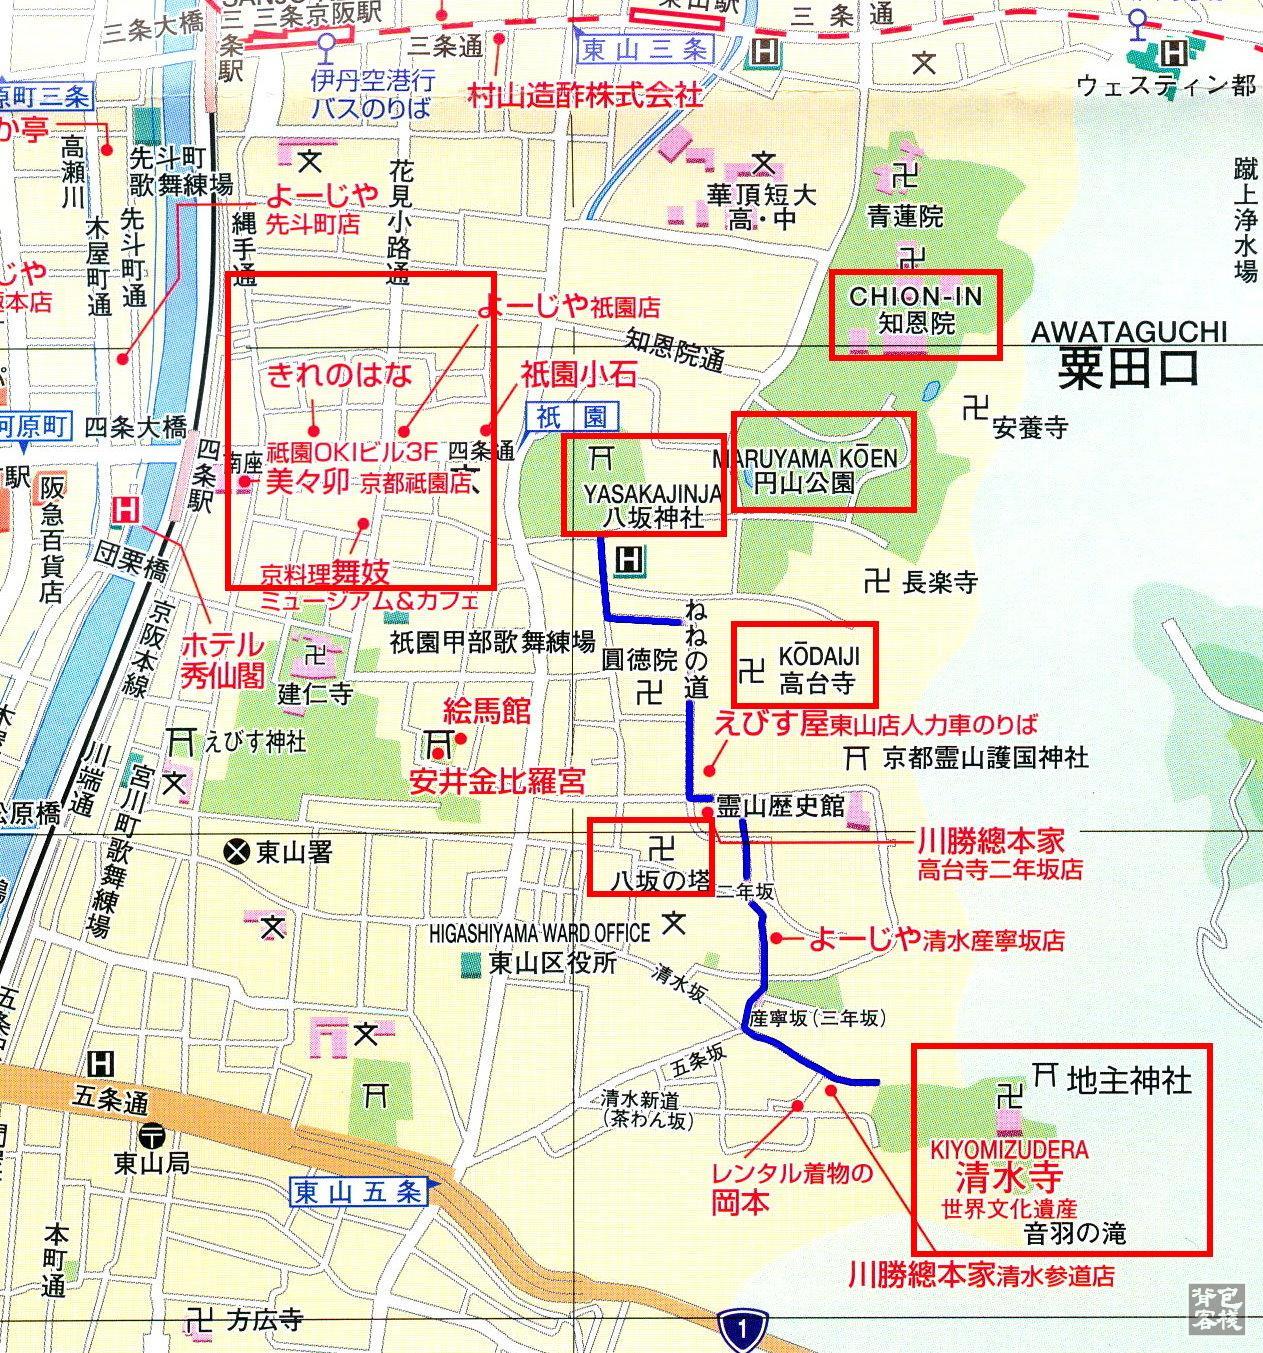 kyoto sightseeing map pdf filetype pdf